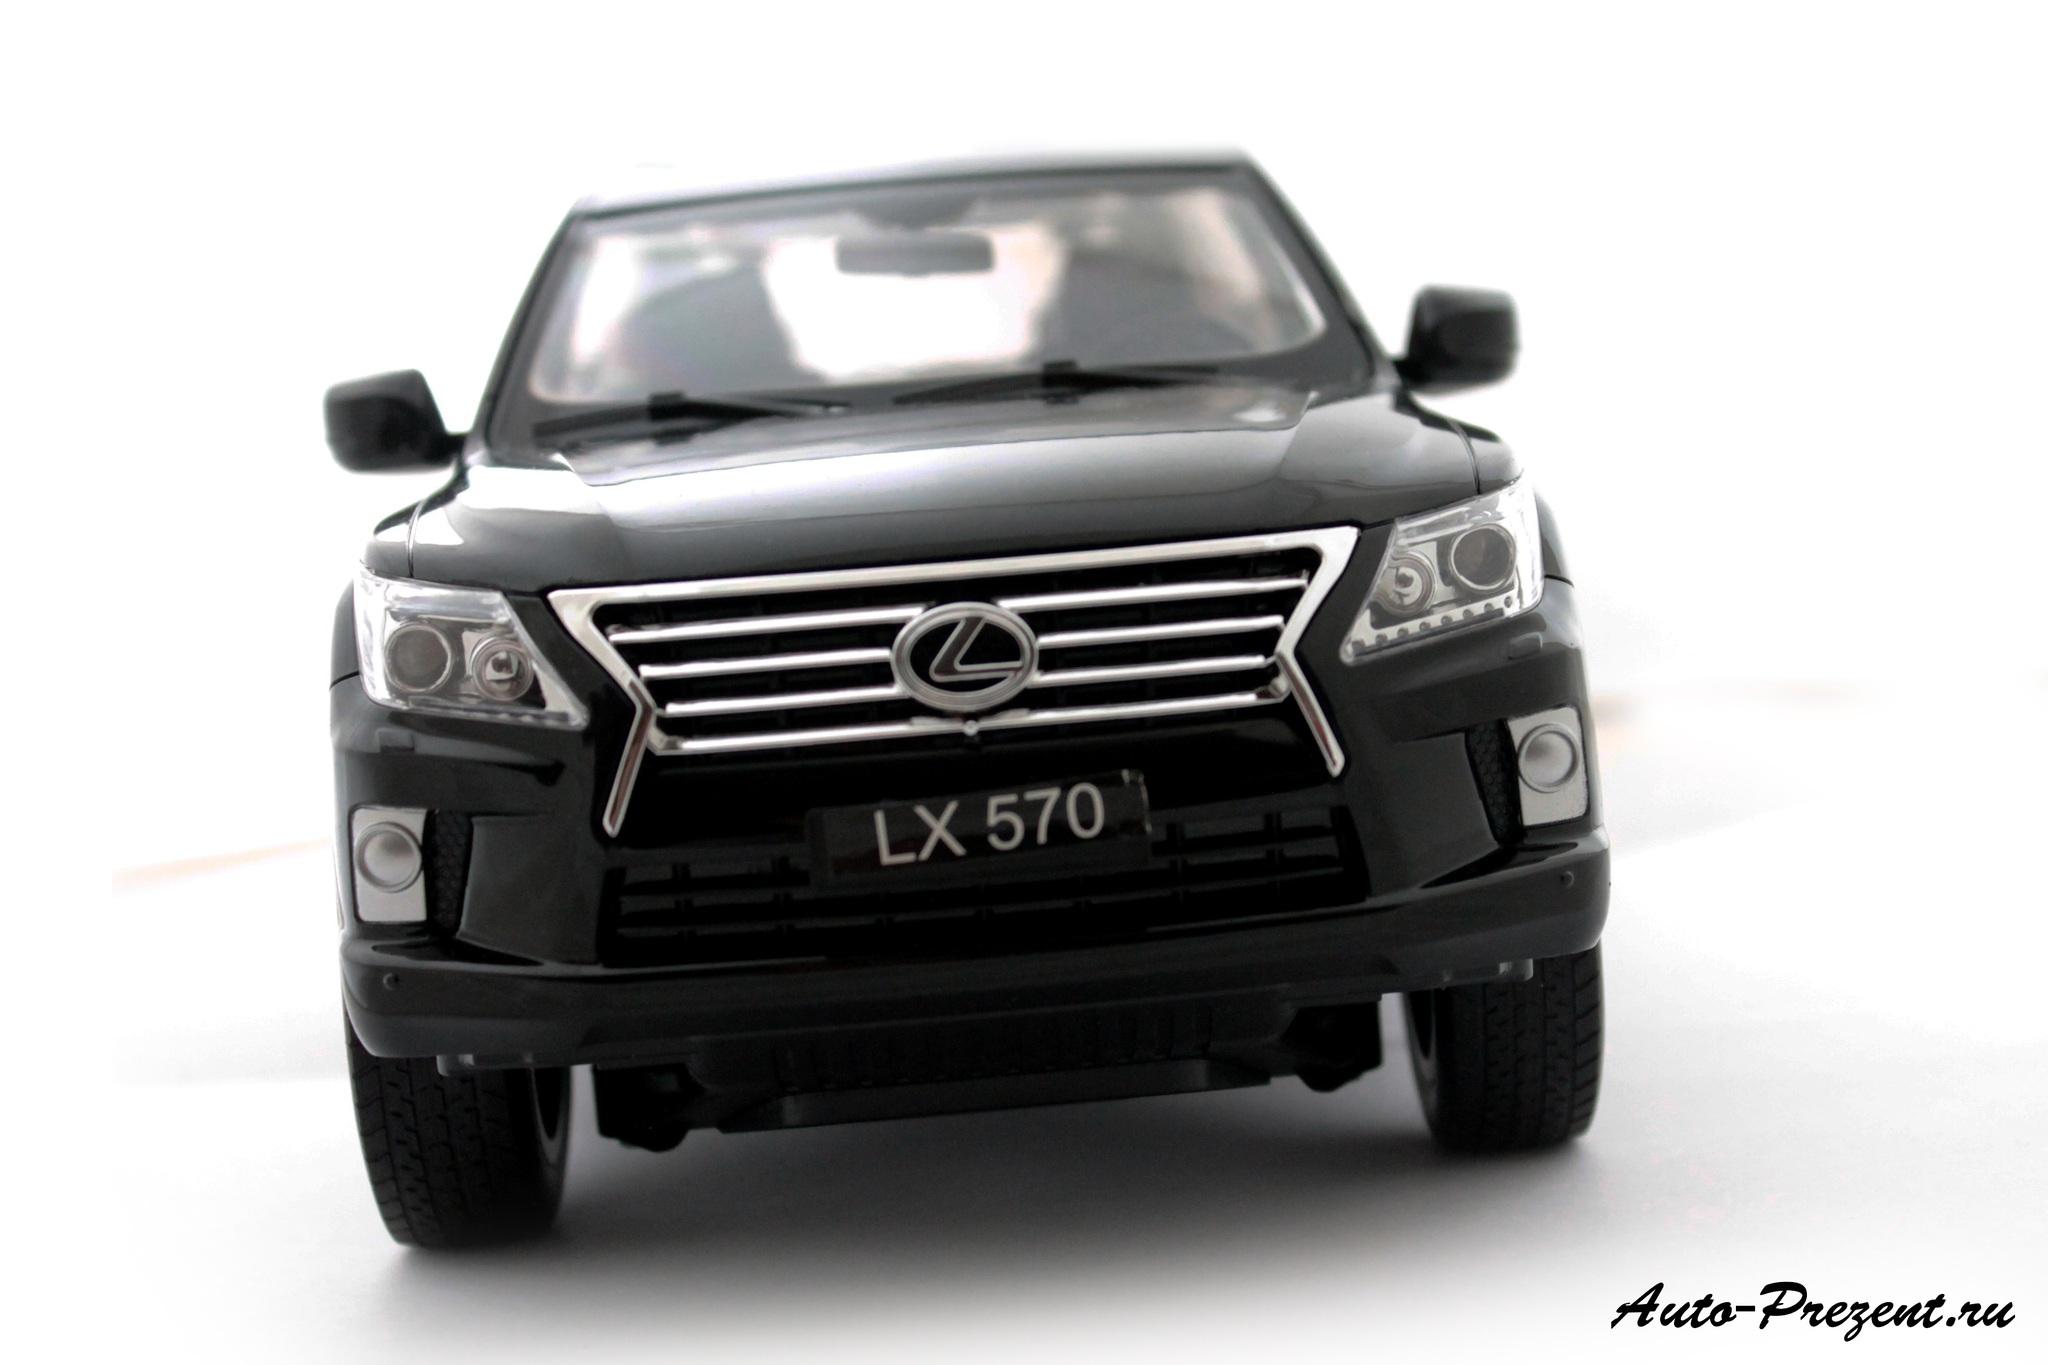 Машинка Lexus LX570 на радиоуправлении